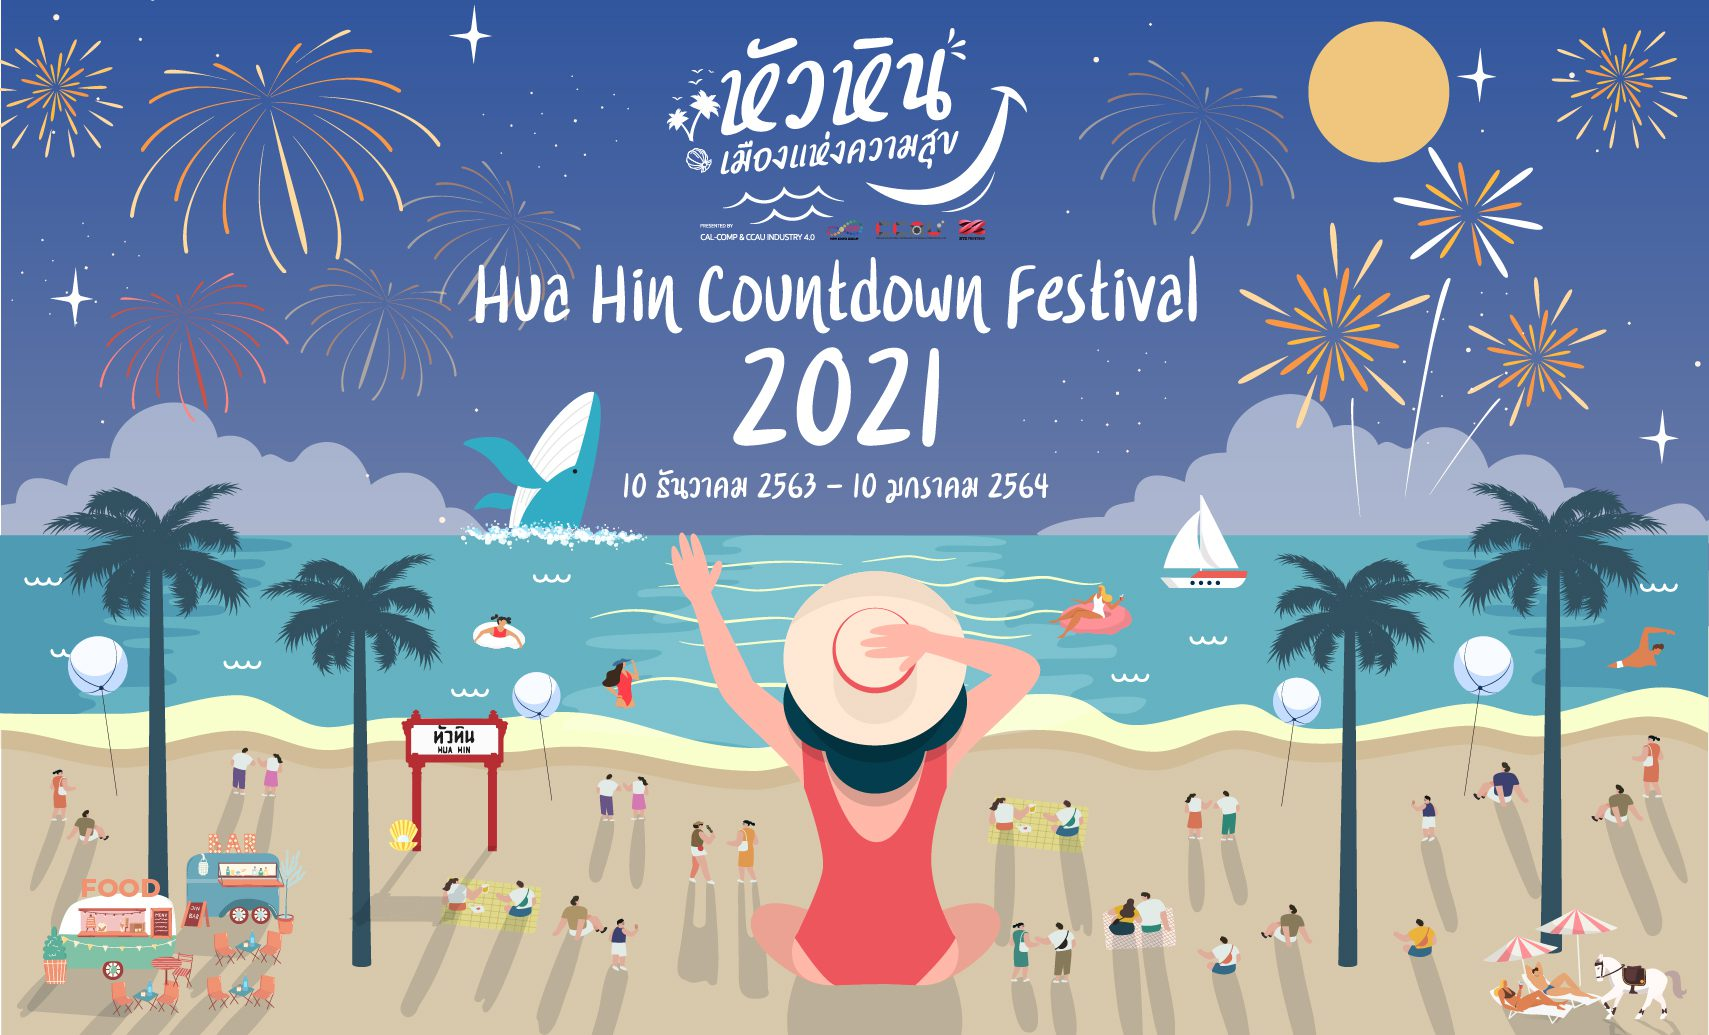 """เทศกาลเฉลิมฉลองความสุขส่งท้ายปี กับสุดยอดเคาท์ดาวน์ """"Hua Hin Countdown Festival 2021"""""""